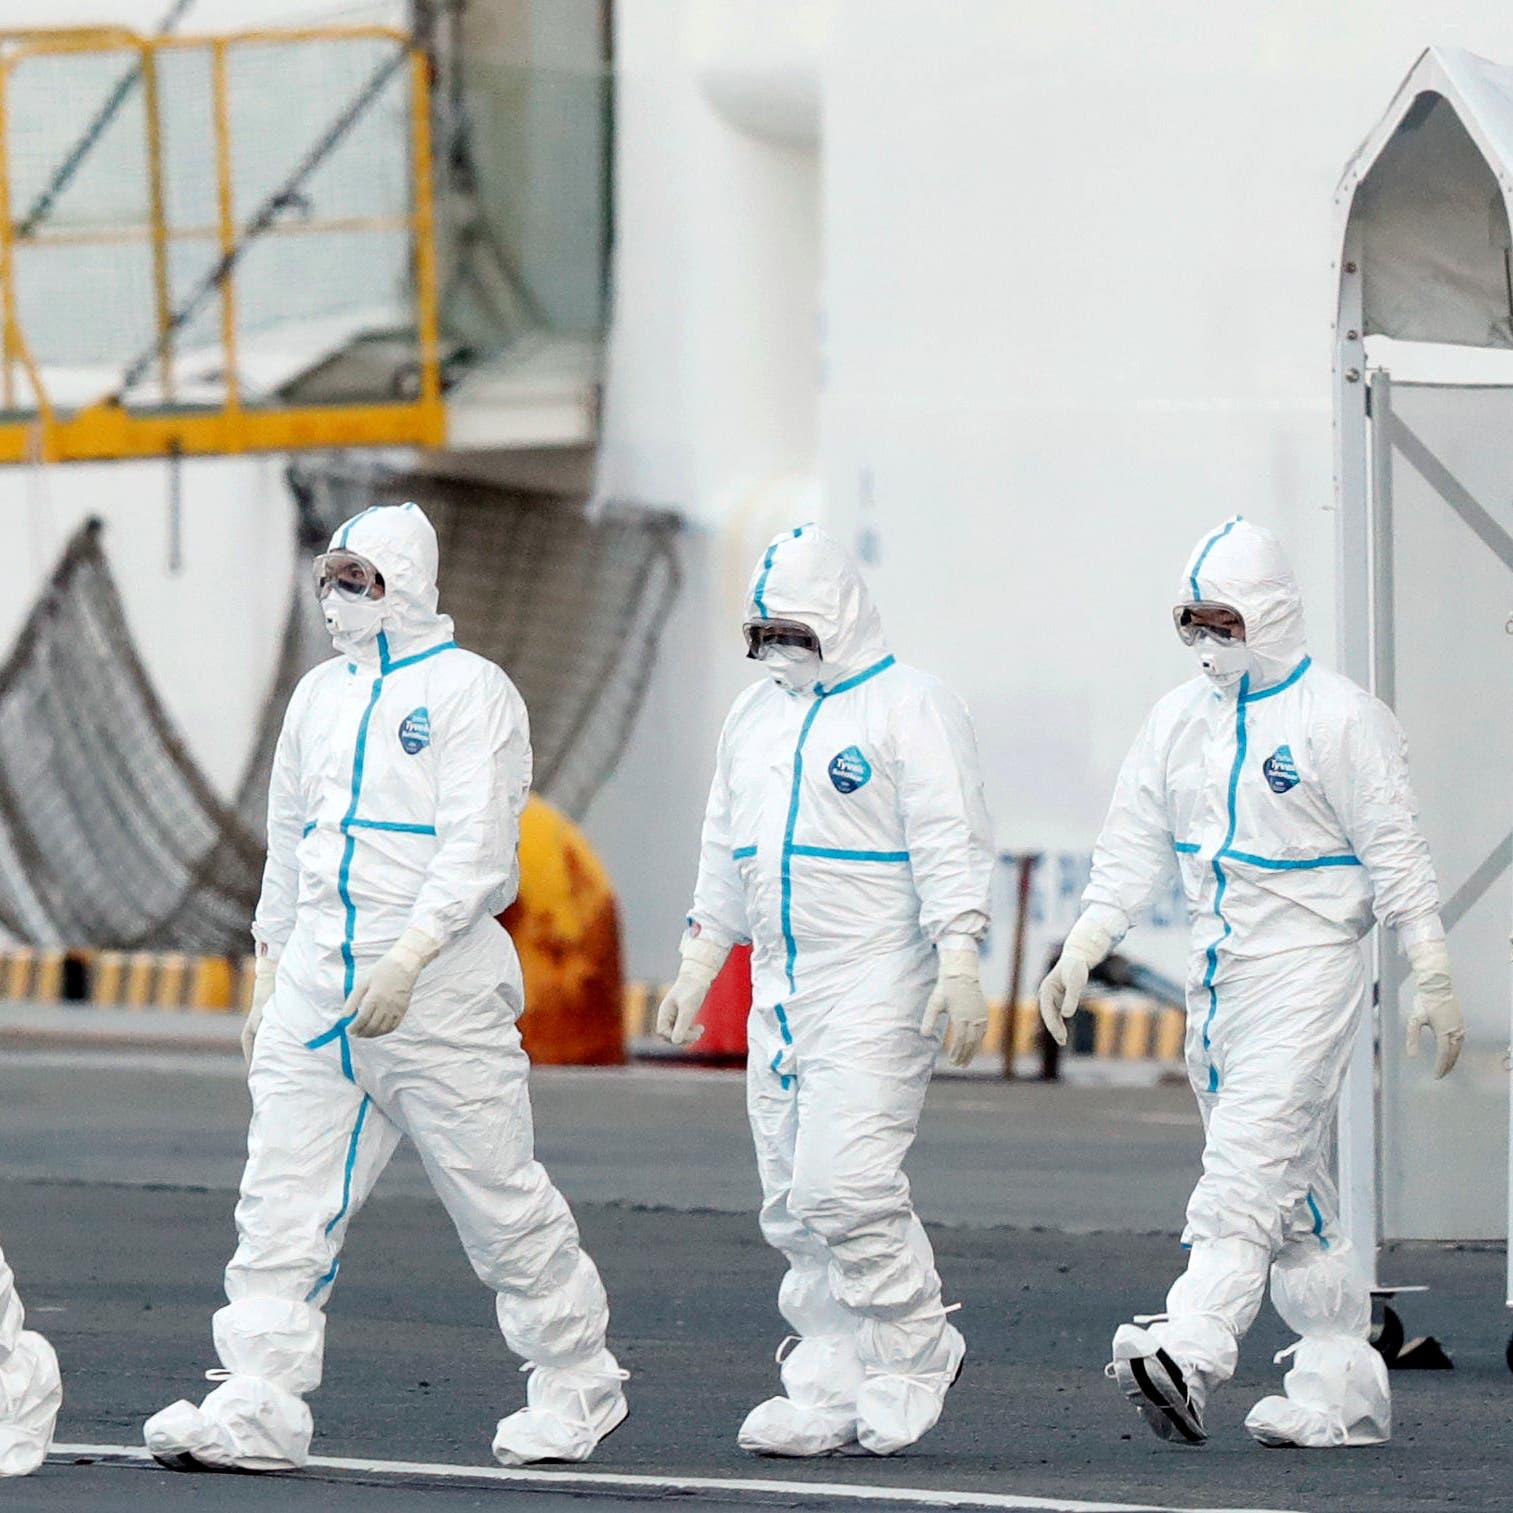 الصحة العالمية: تجارب صينية على كورونا ونتائج بـ3 أسابيع